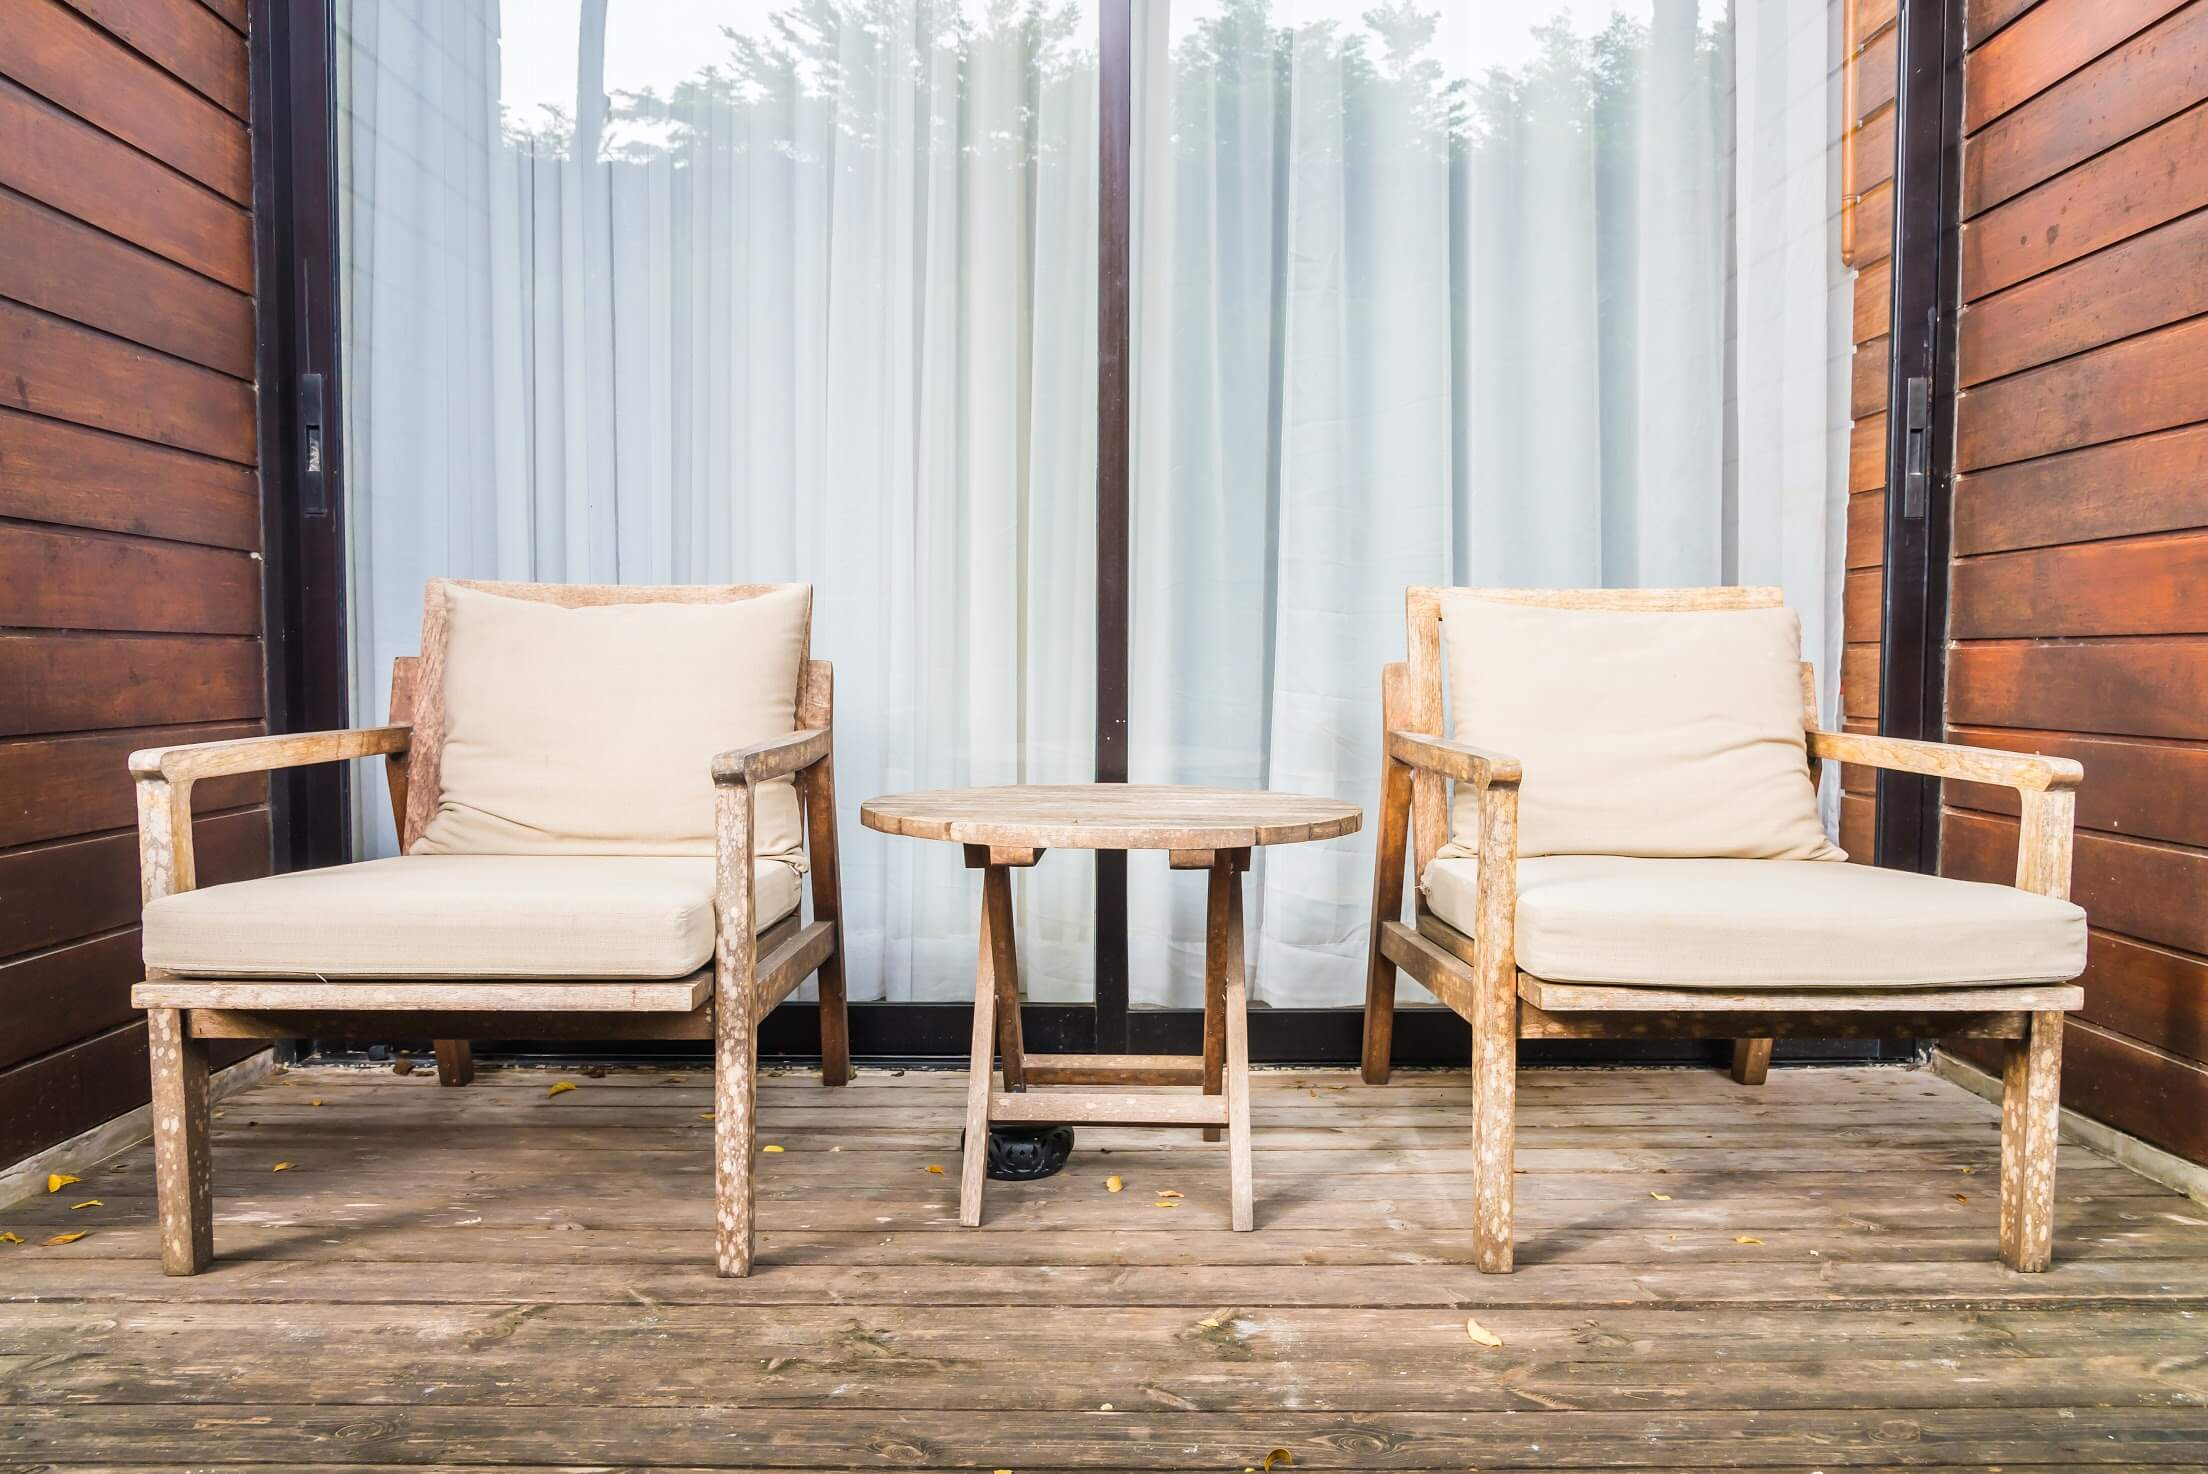 Quel salon de jardin en bois choisir ?